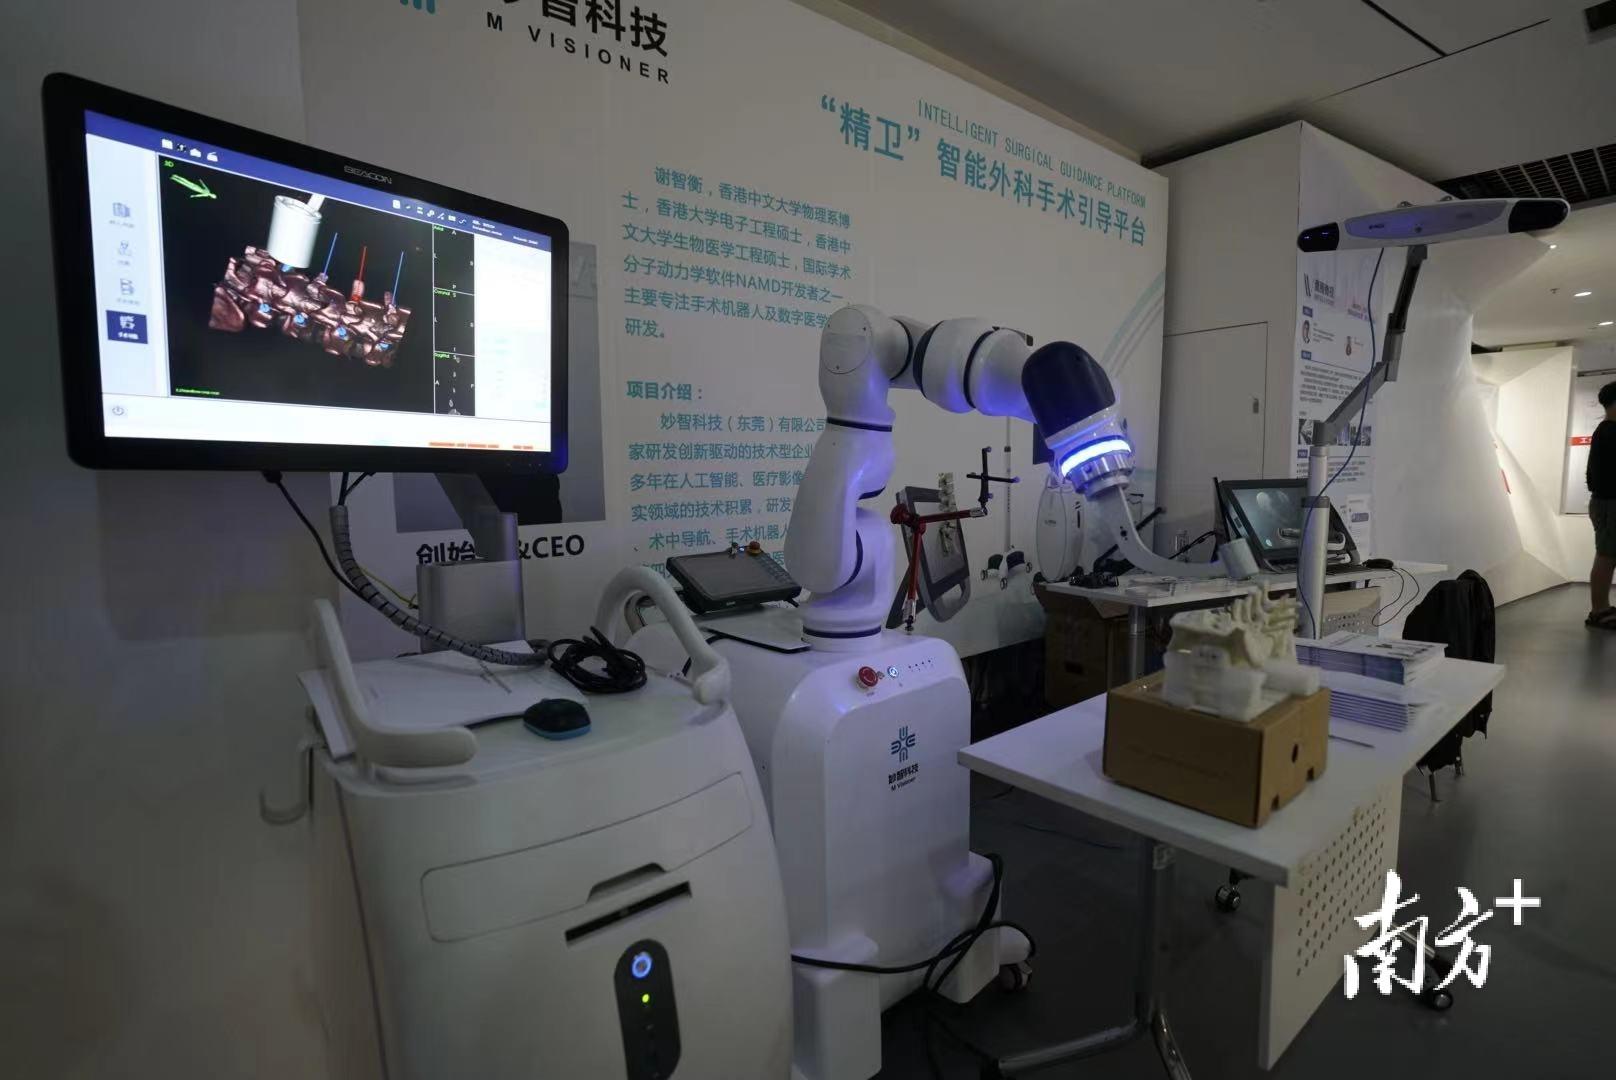 秒智科技(东莞)有限公司生产的医疗机器人。